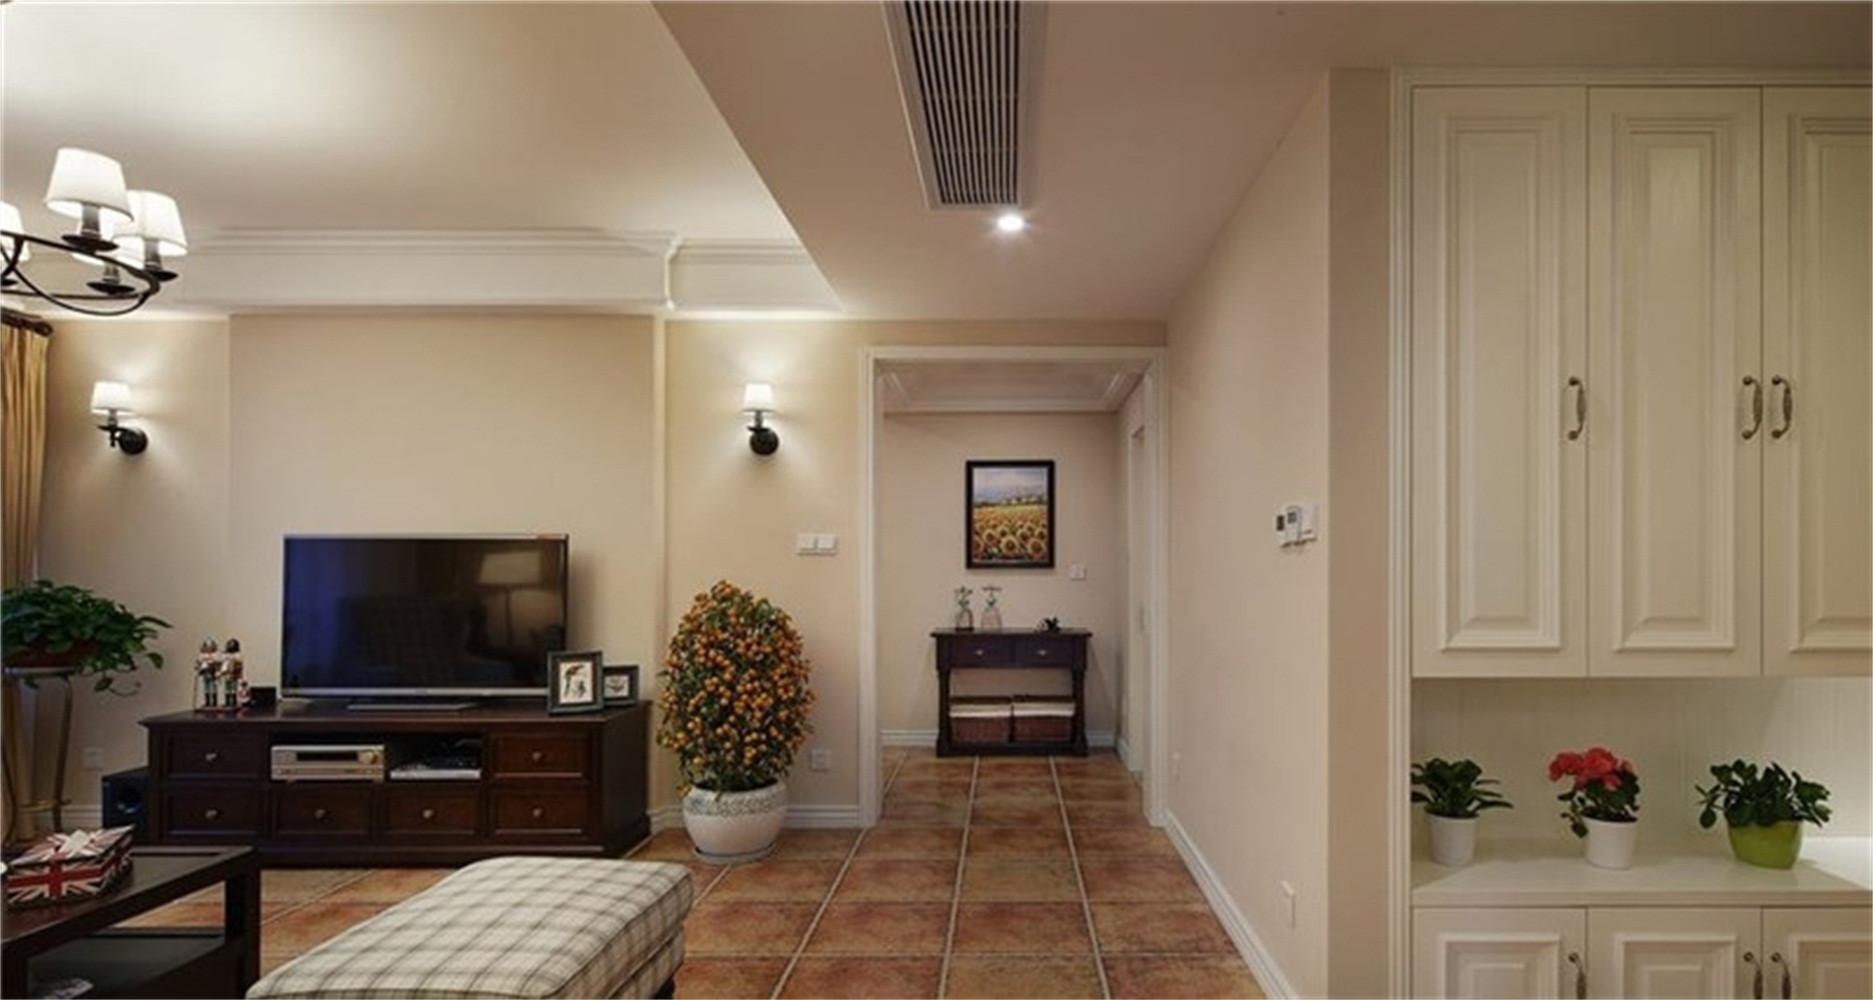 100㎡经典美式装修走廊图片